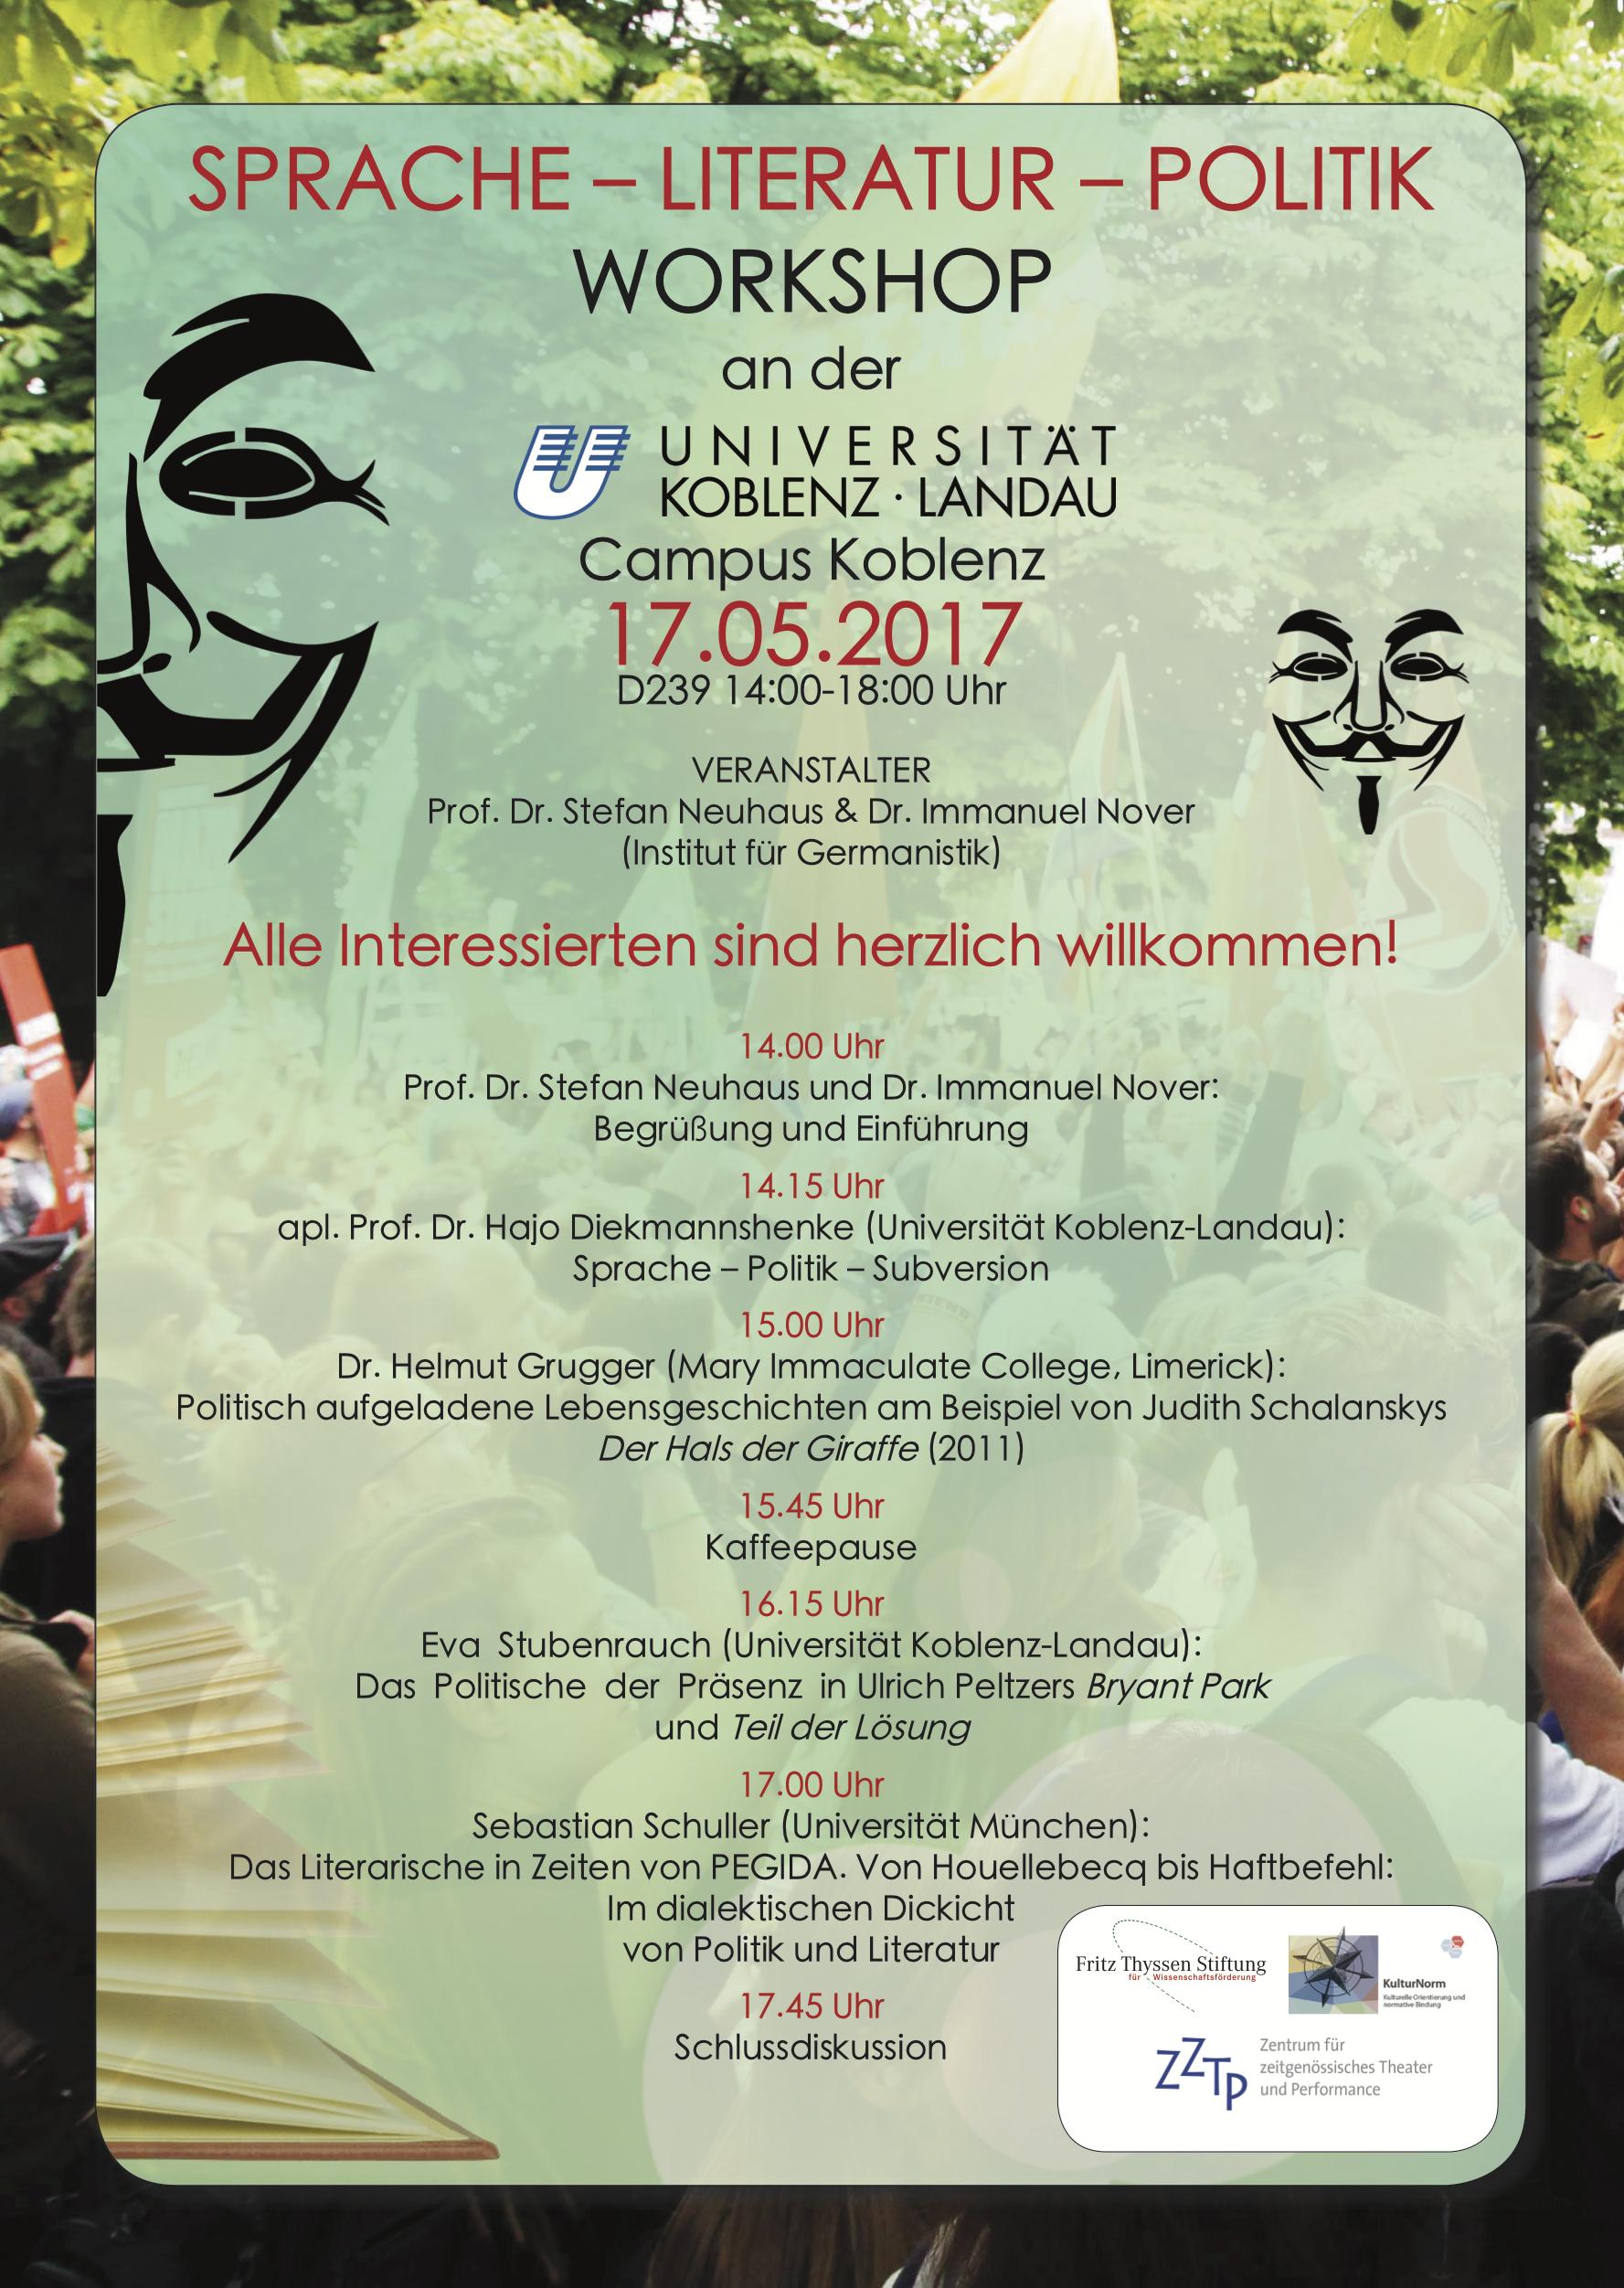 Workshop: Sprache - Literatur - Politik